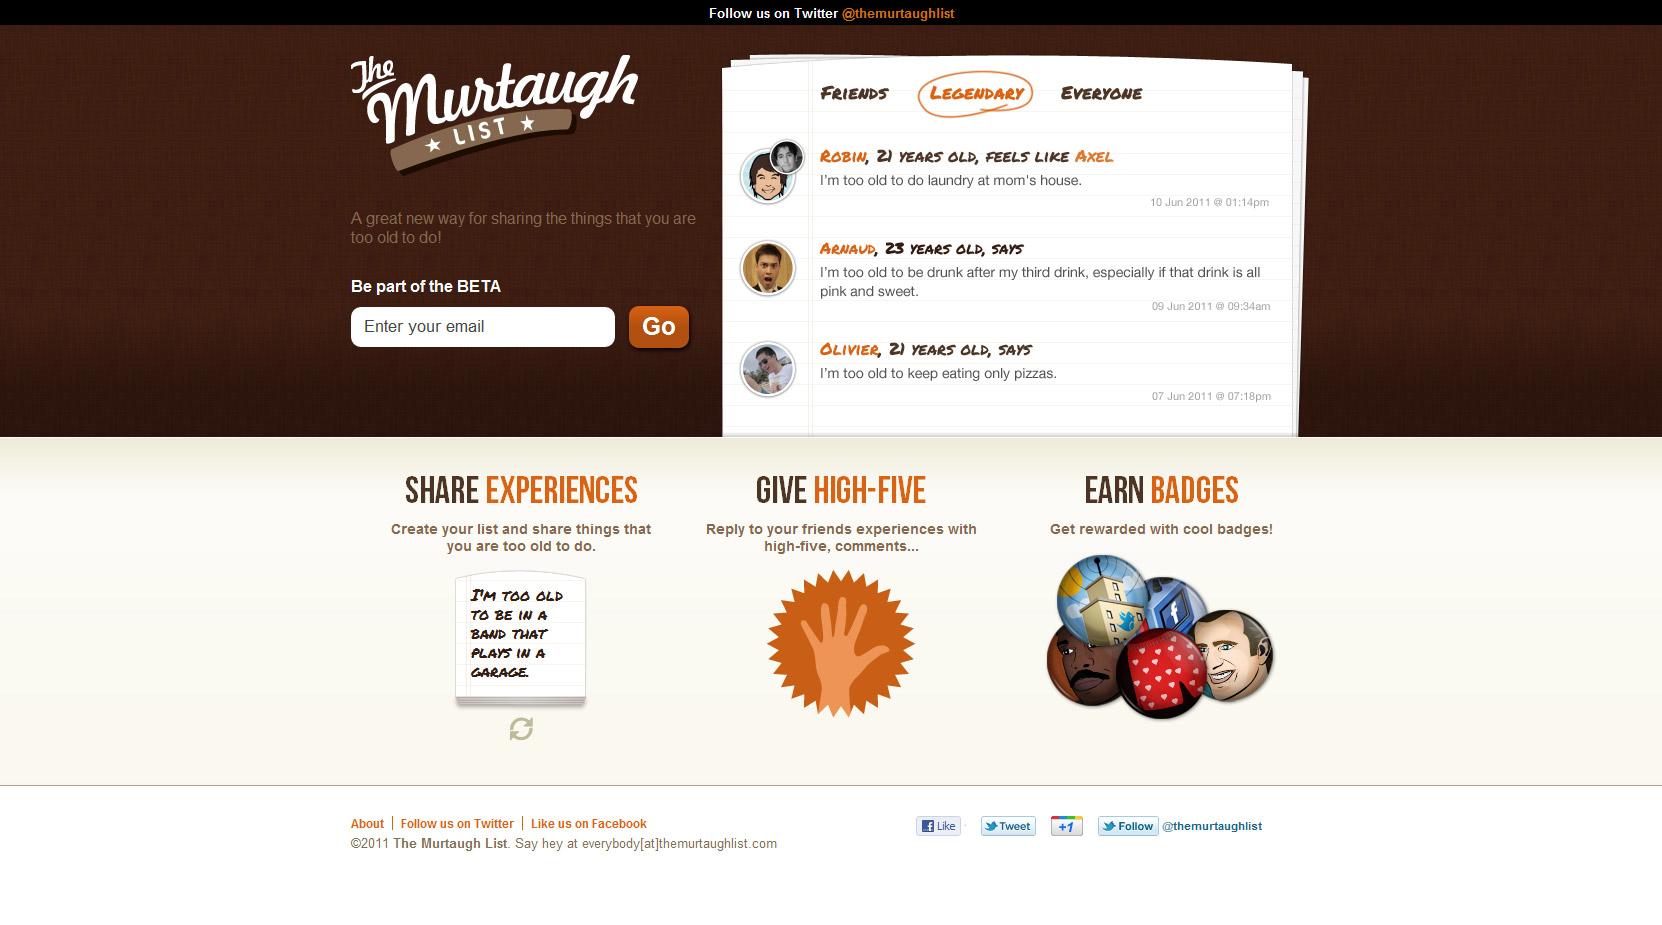 The Murtaugh List Website Screenshot